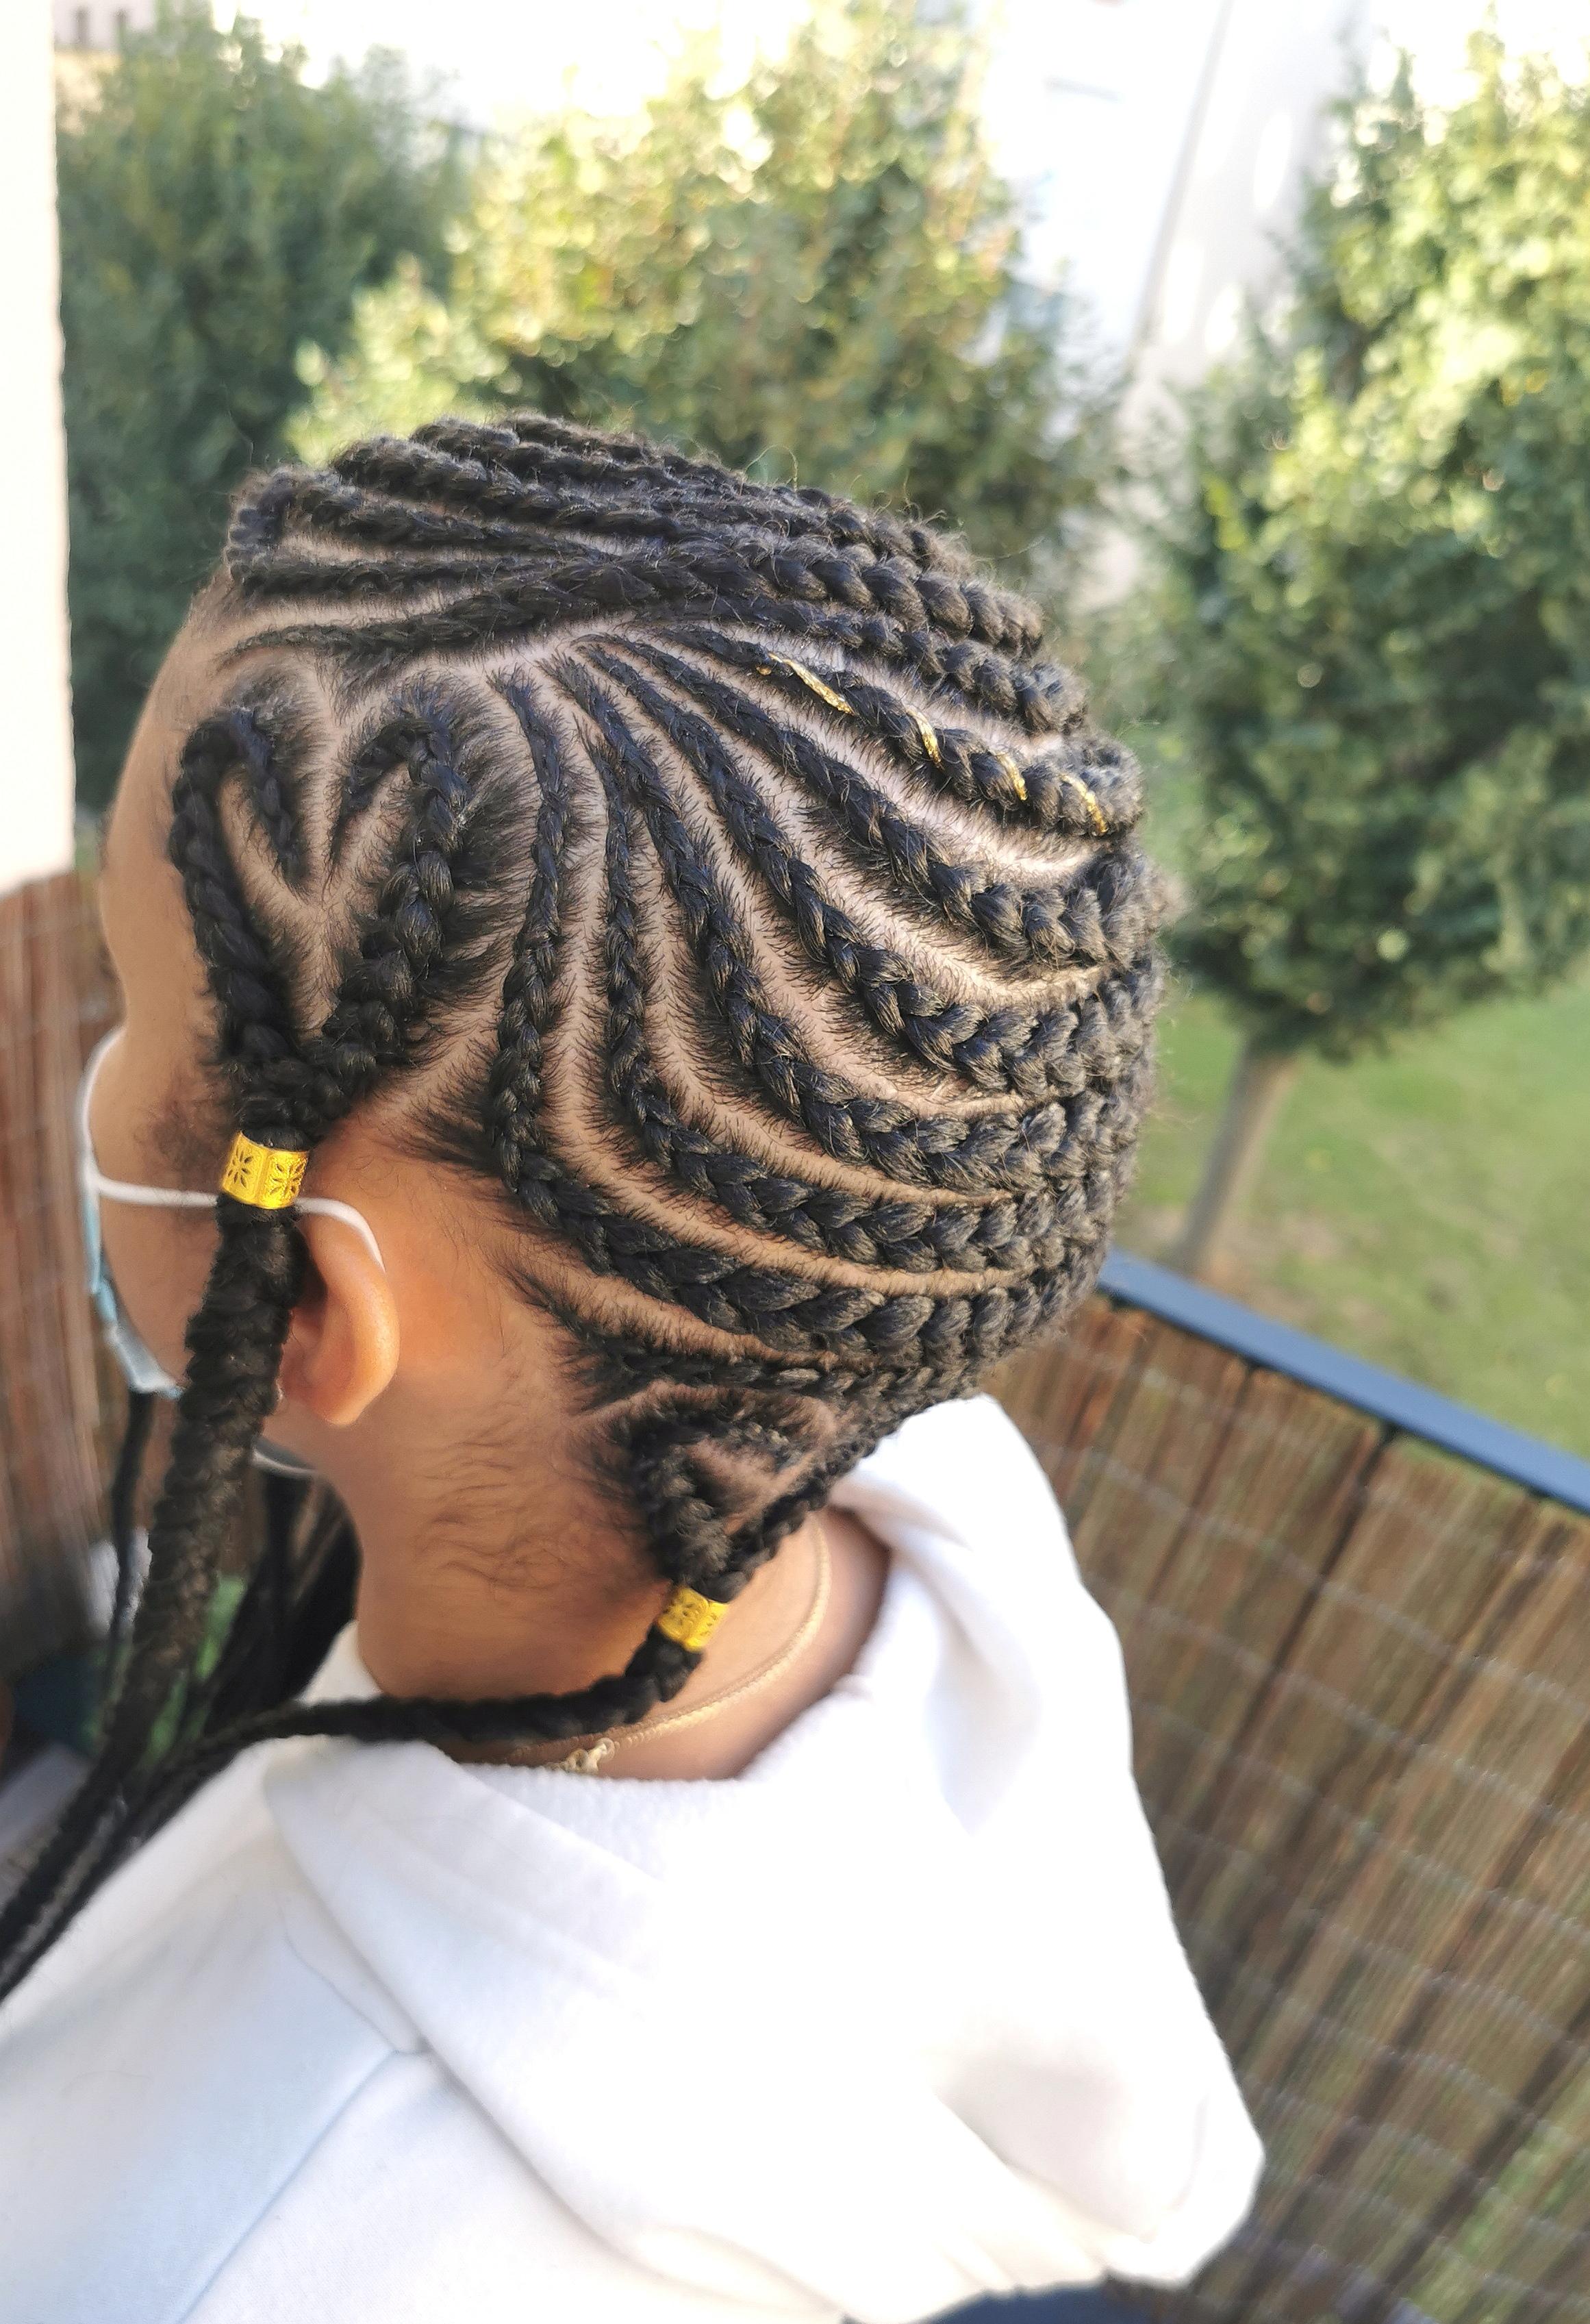 salon de coiffure afro tresse tresses box braids crochet braids vanilles tissages paris 75 77 78 91 92 93 94 95 YNSZBOCI